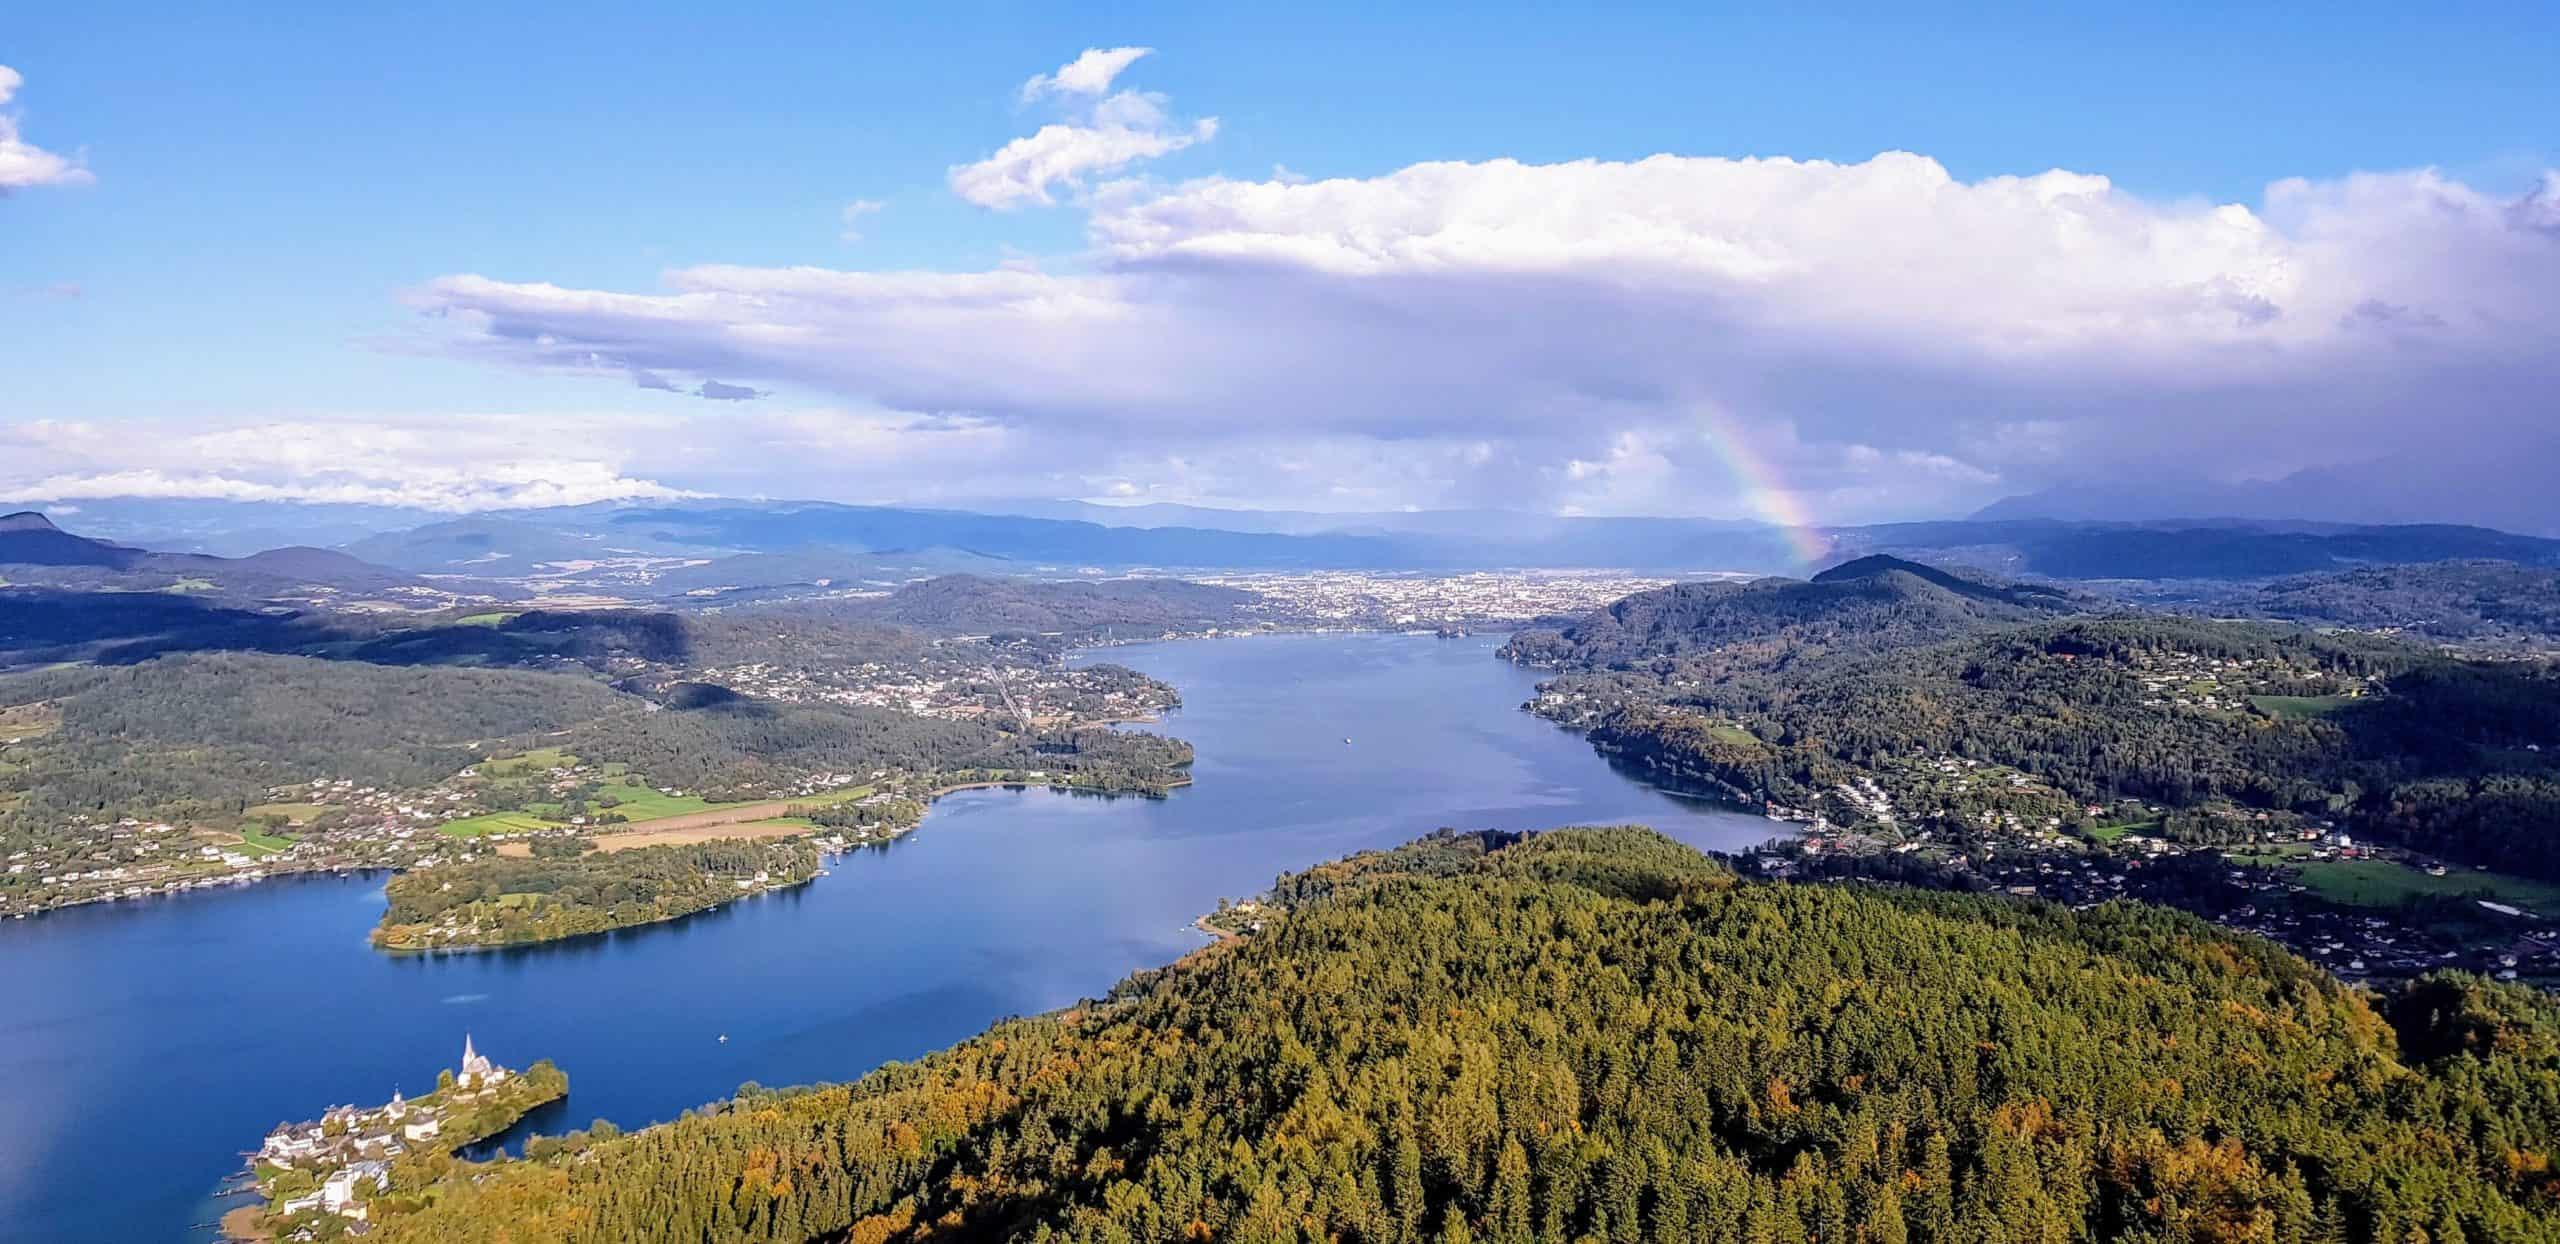 Schlechtwetter Ausflugsziel in Kärnten - Pyramidenkogel am Wörthersee im Herbst mit entstehenden Regenbogen über Klagenfurt in Österreich